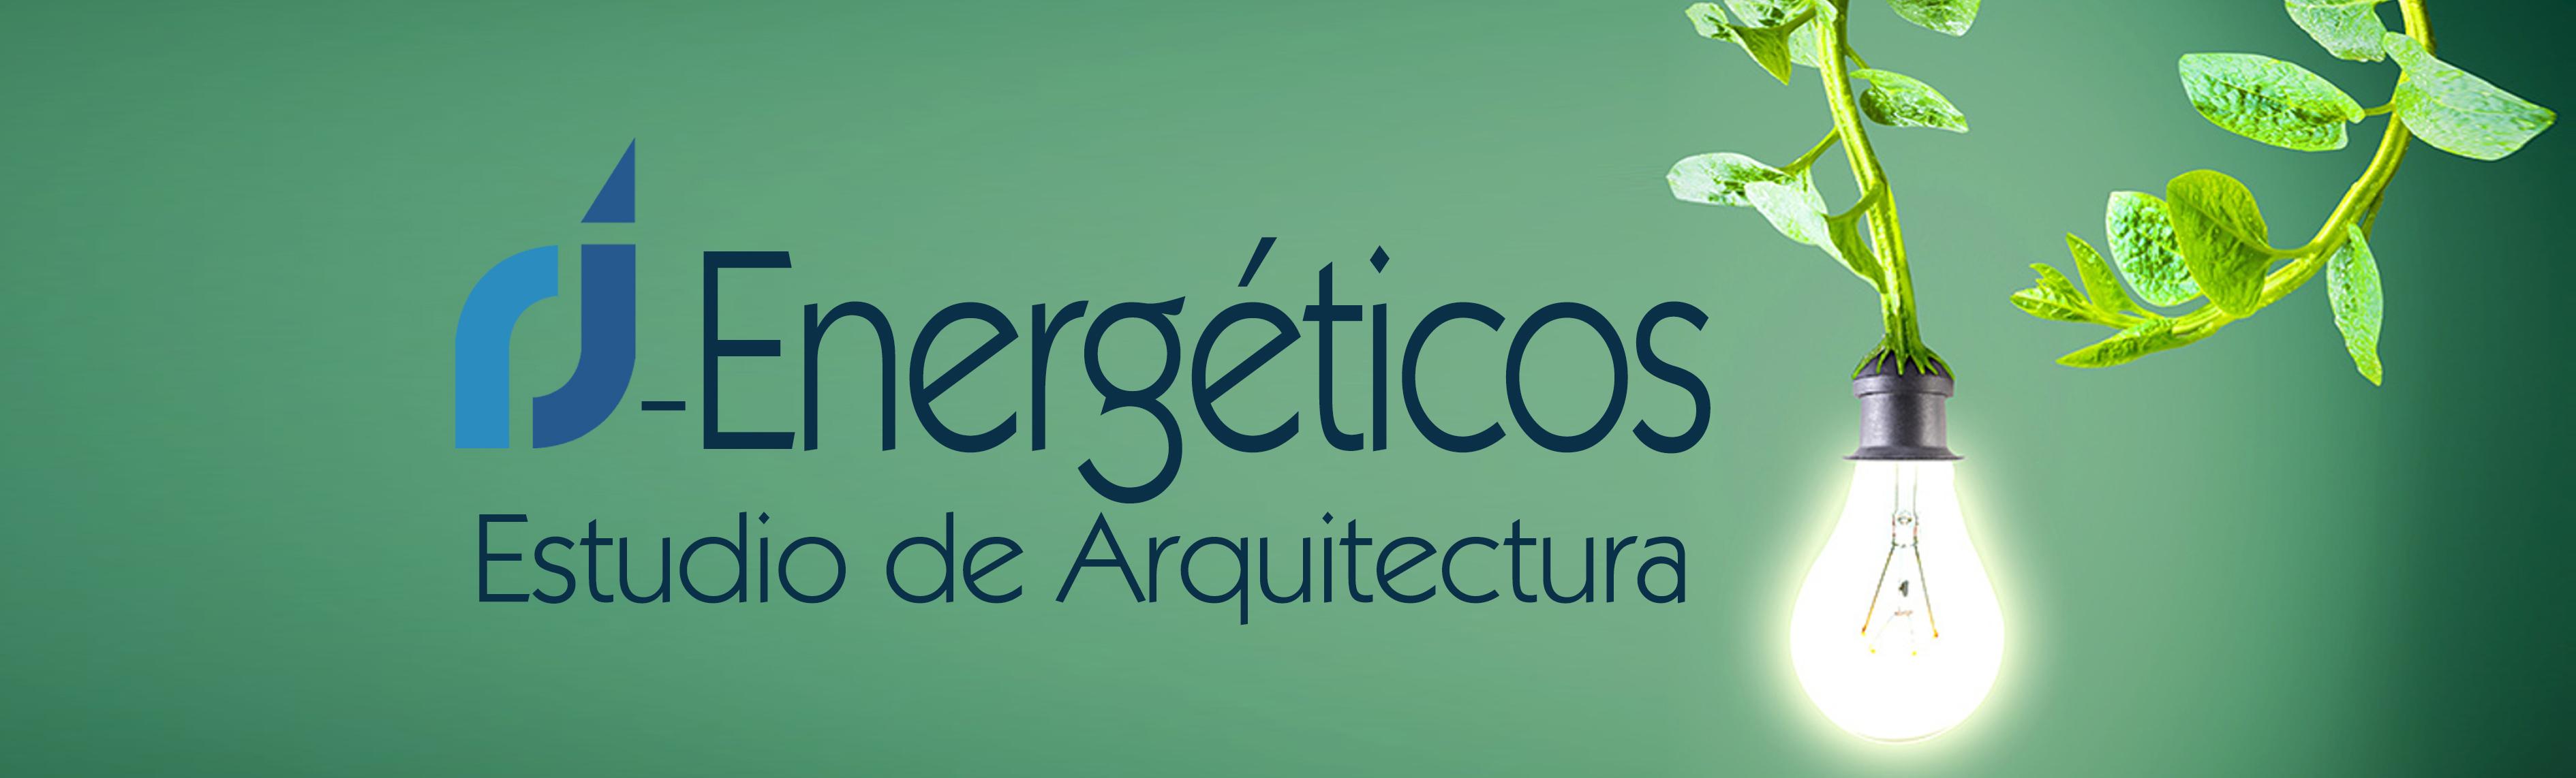 Ingeniería De Edificación Rj-energeticos